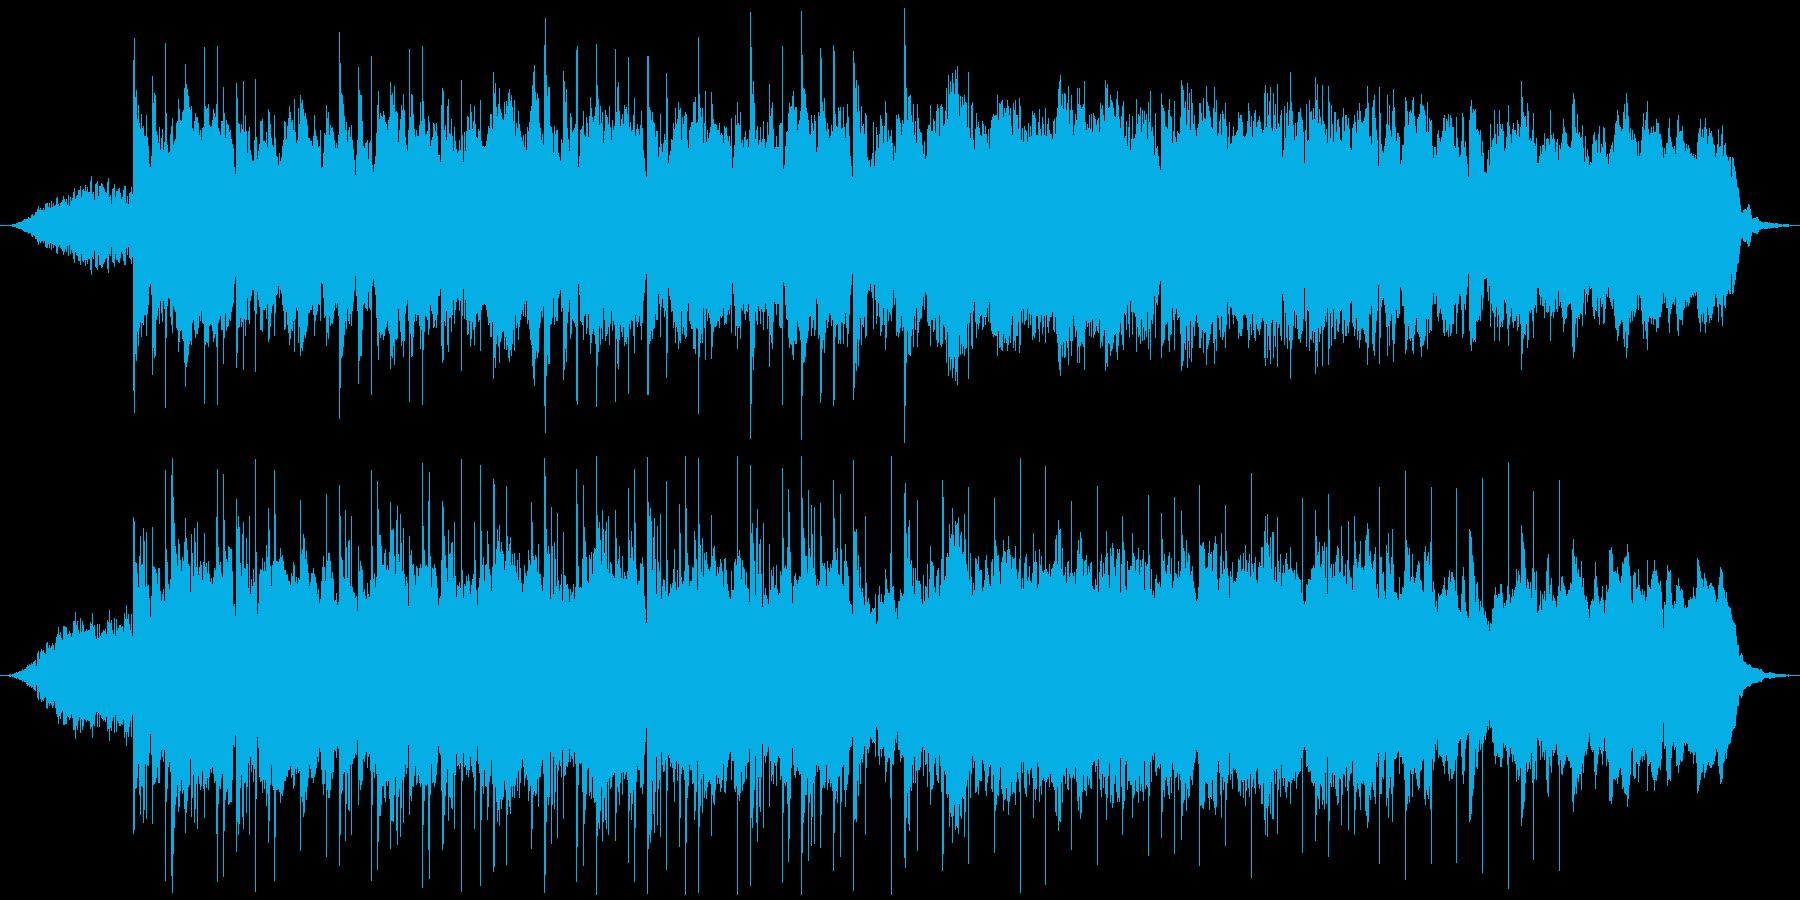 透明感のあるピアノヒーリングの再生済みの波形